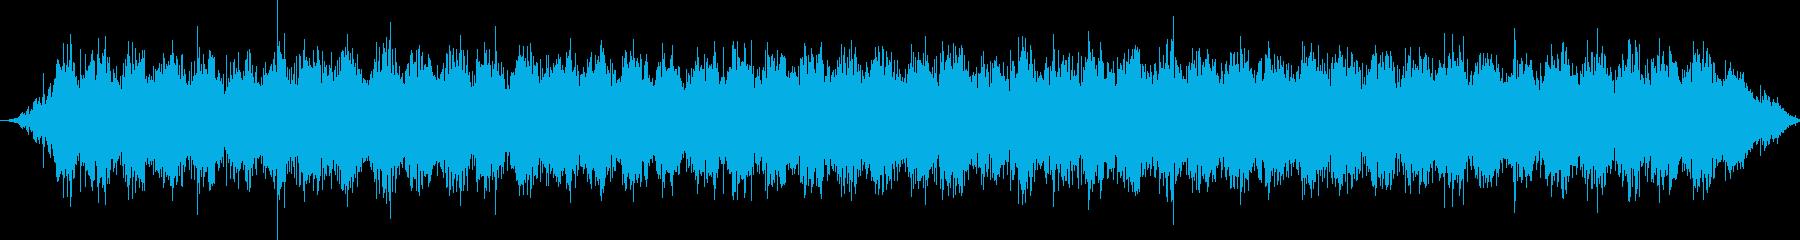 アンティークベルト駆動の木製旋盤:...の再生済みの波形